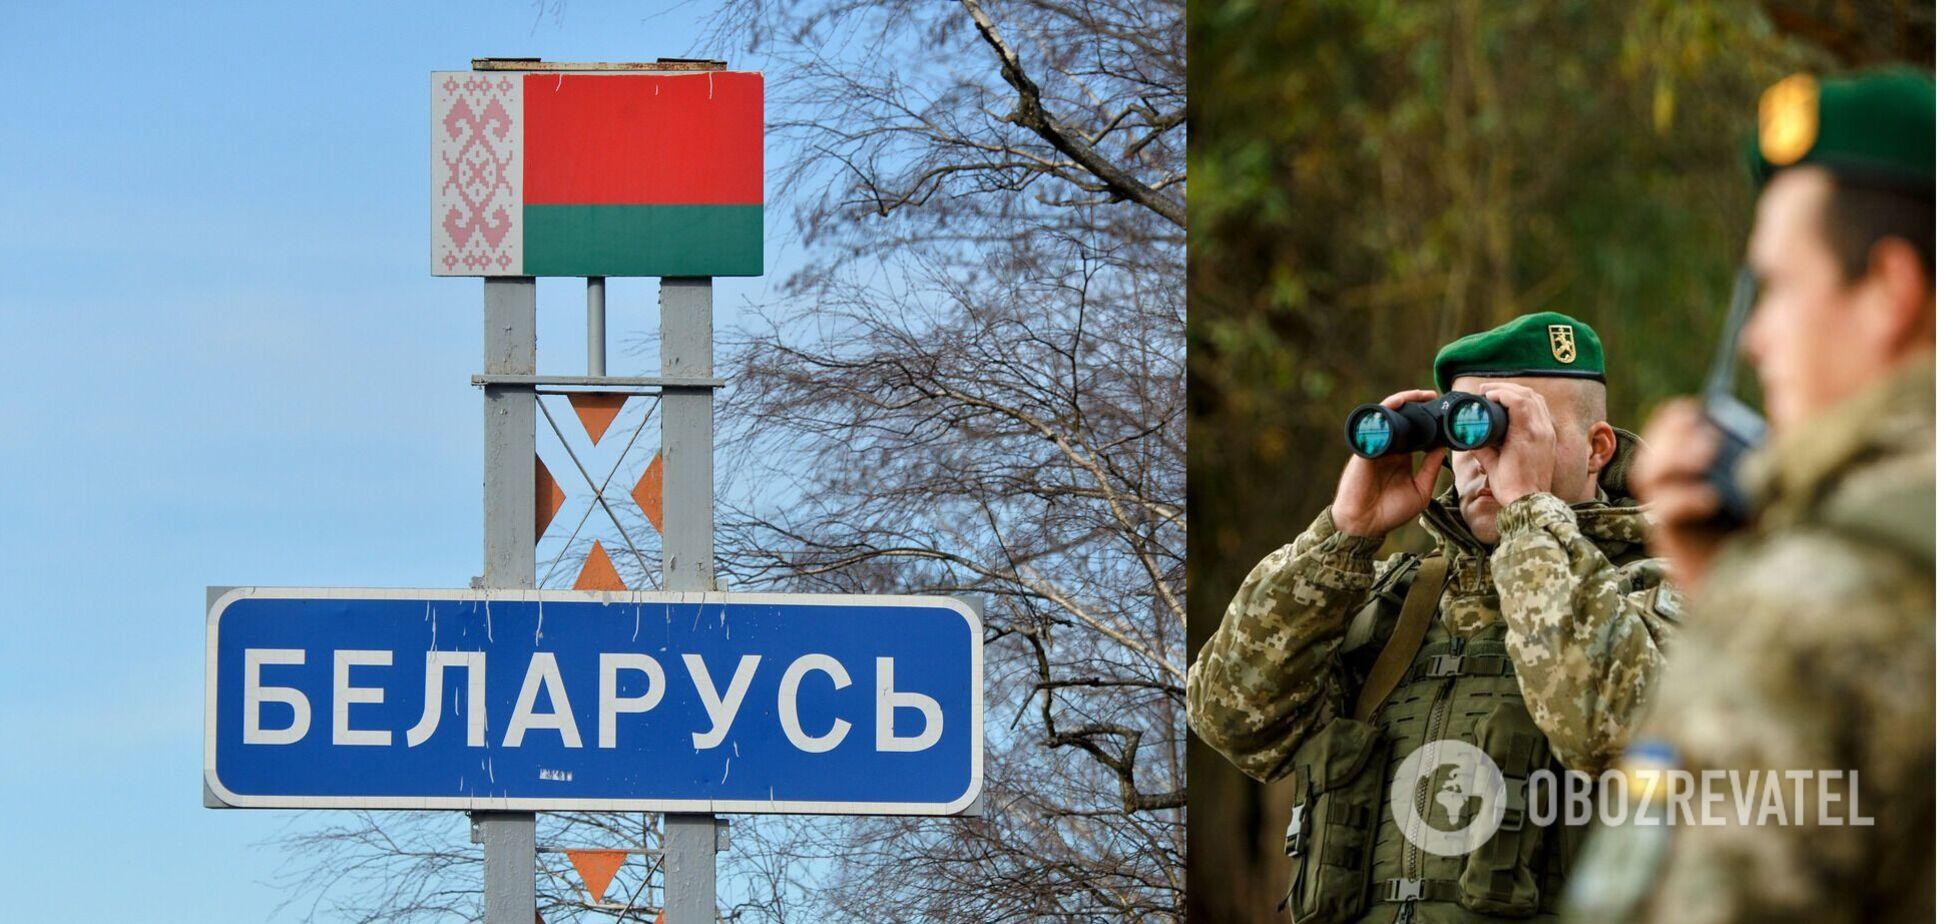 Білорусь заявила про посилення охорони кордону з Україною: в ДПСУ не підтвердили